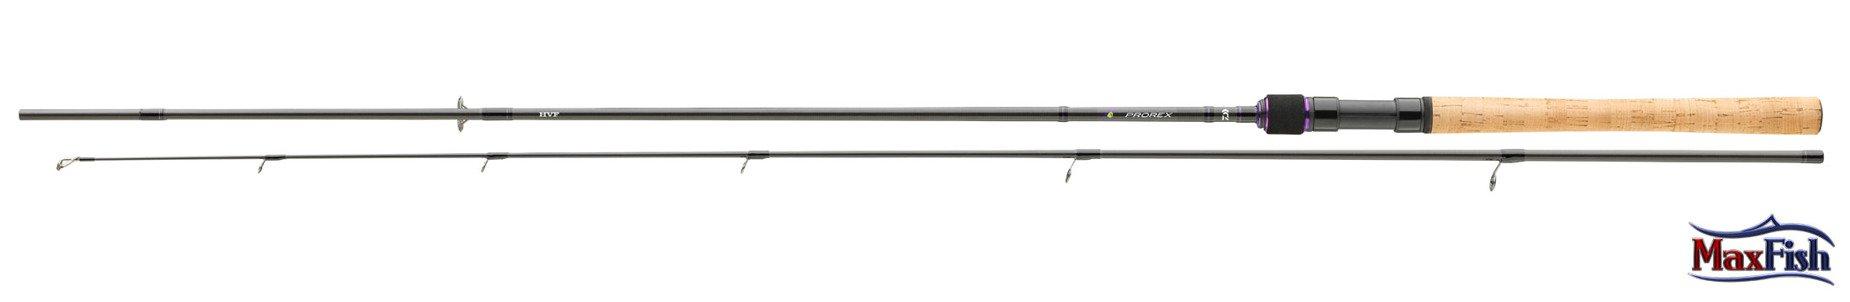 Daiwa Prorex S Spin  240cm 7-21g